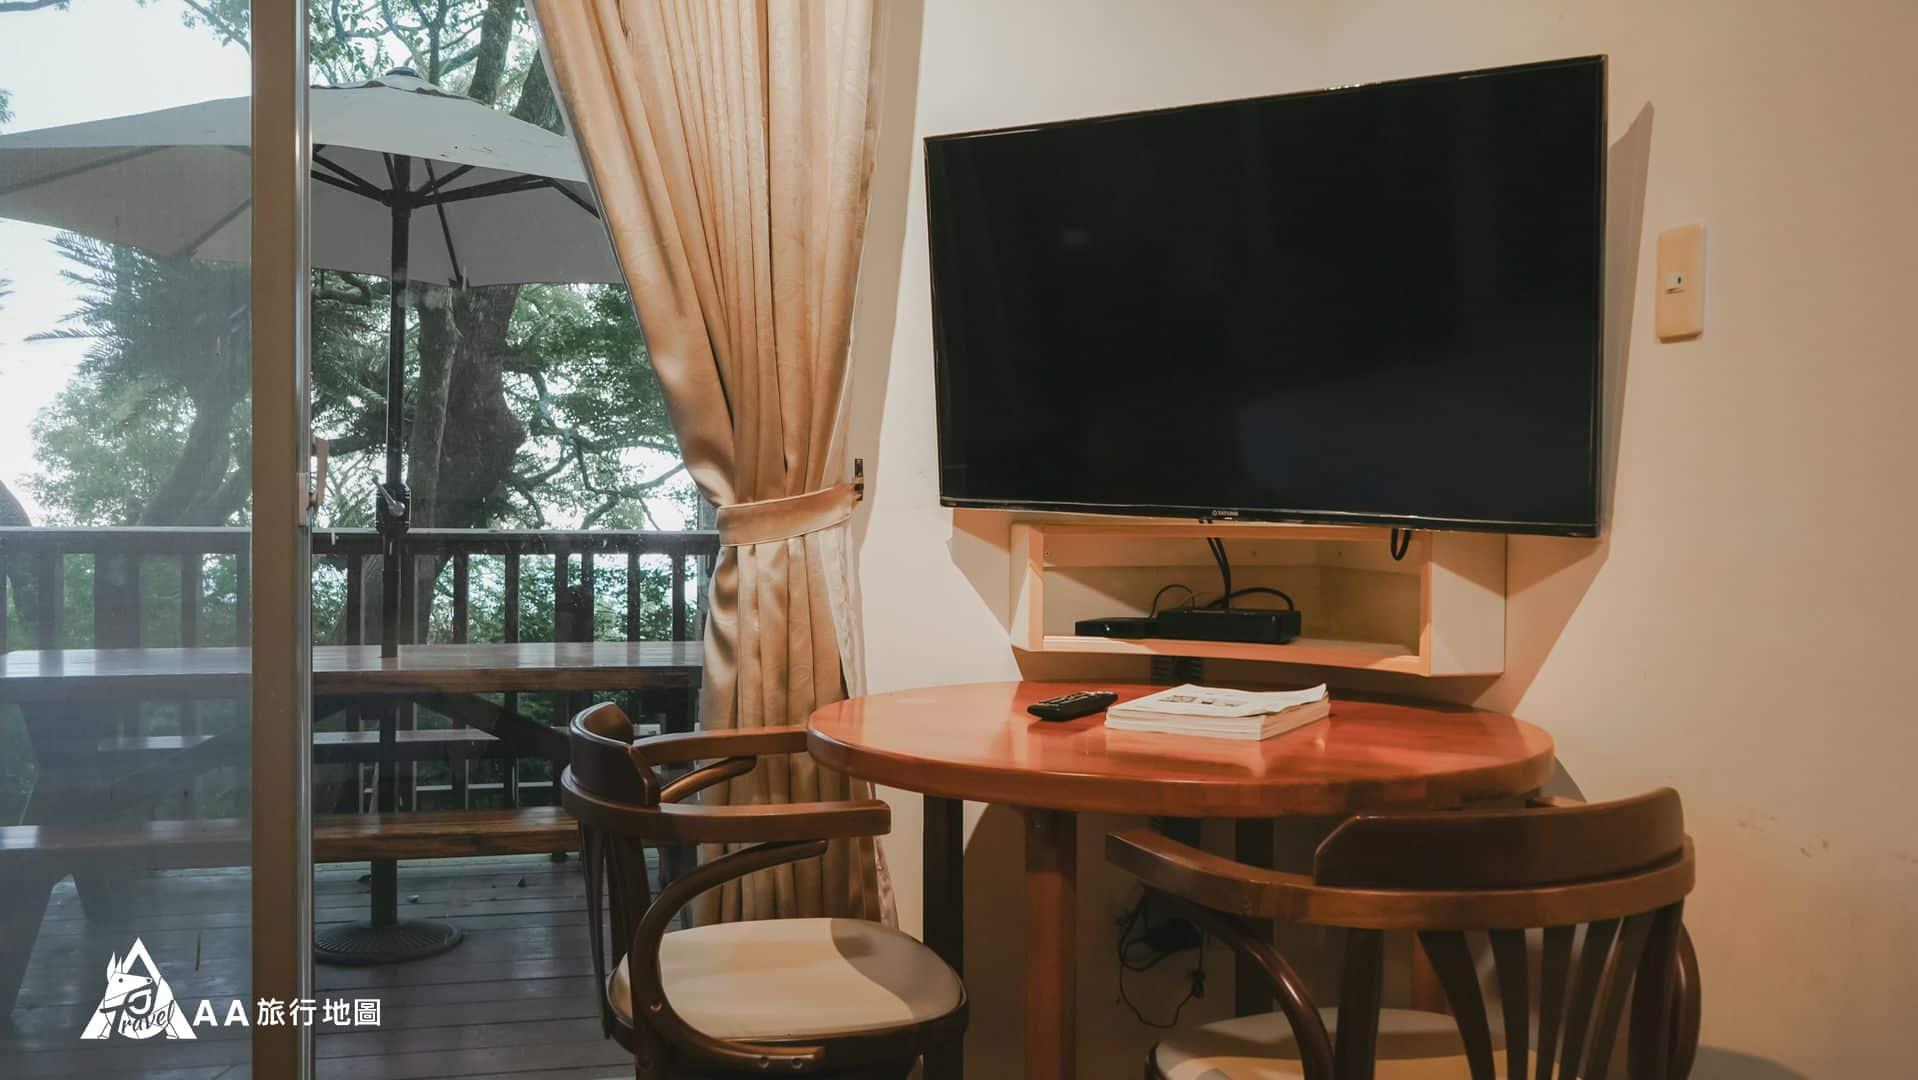 鳳凰亭序 房間有一個小圓桌,如果喜歡在室內坐著聊天也有地方